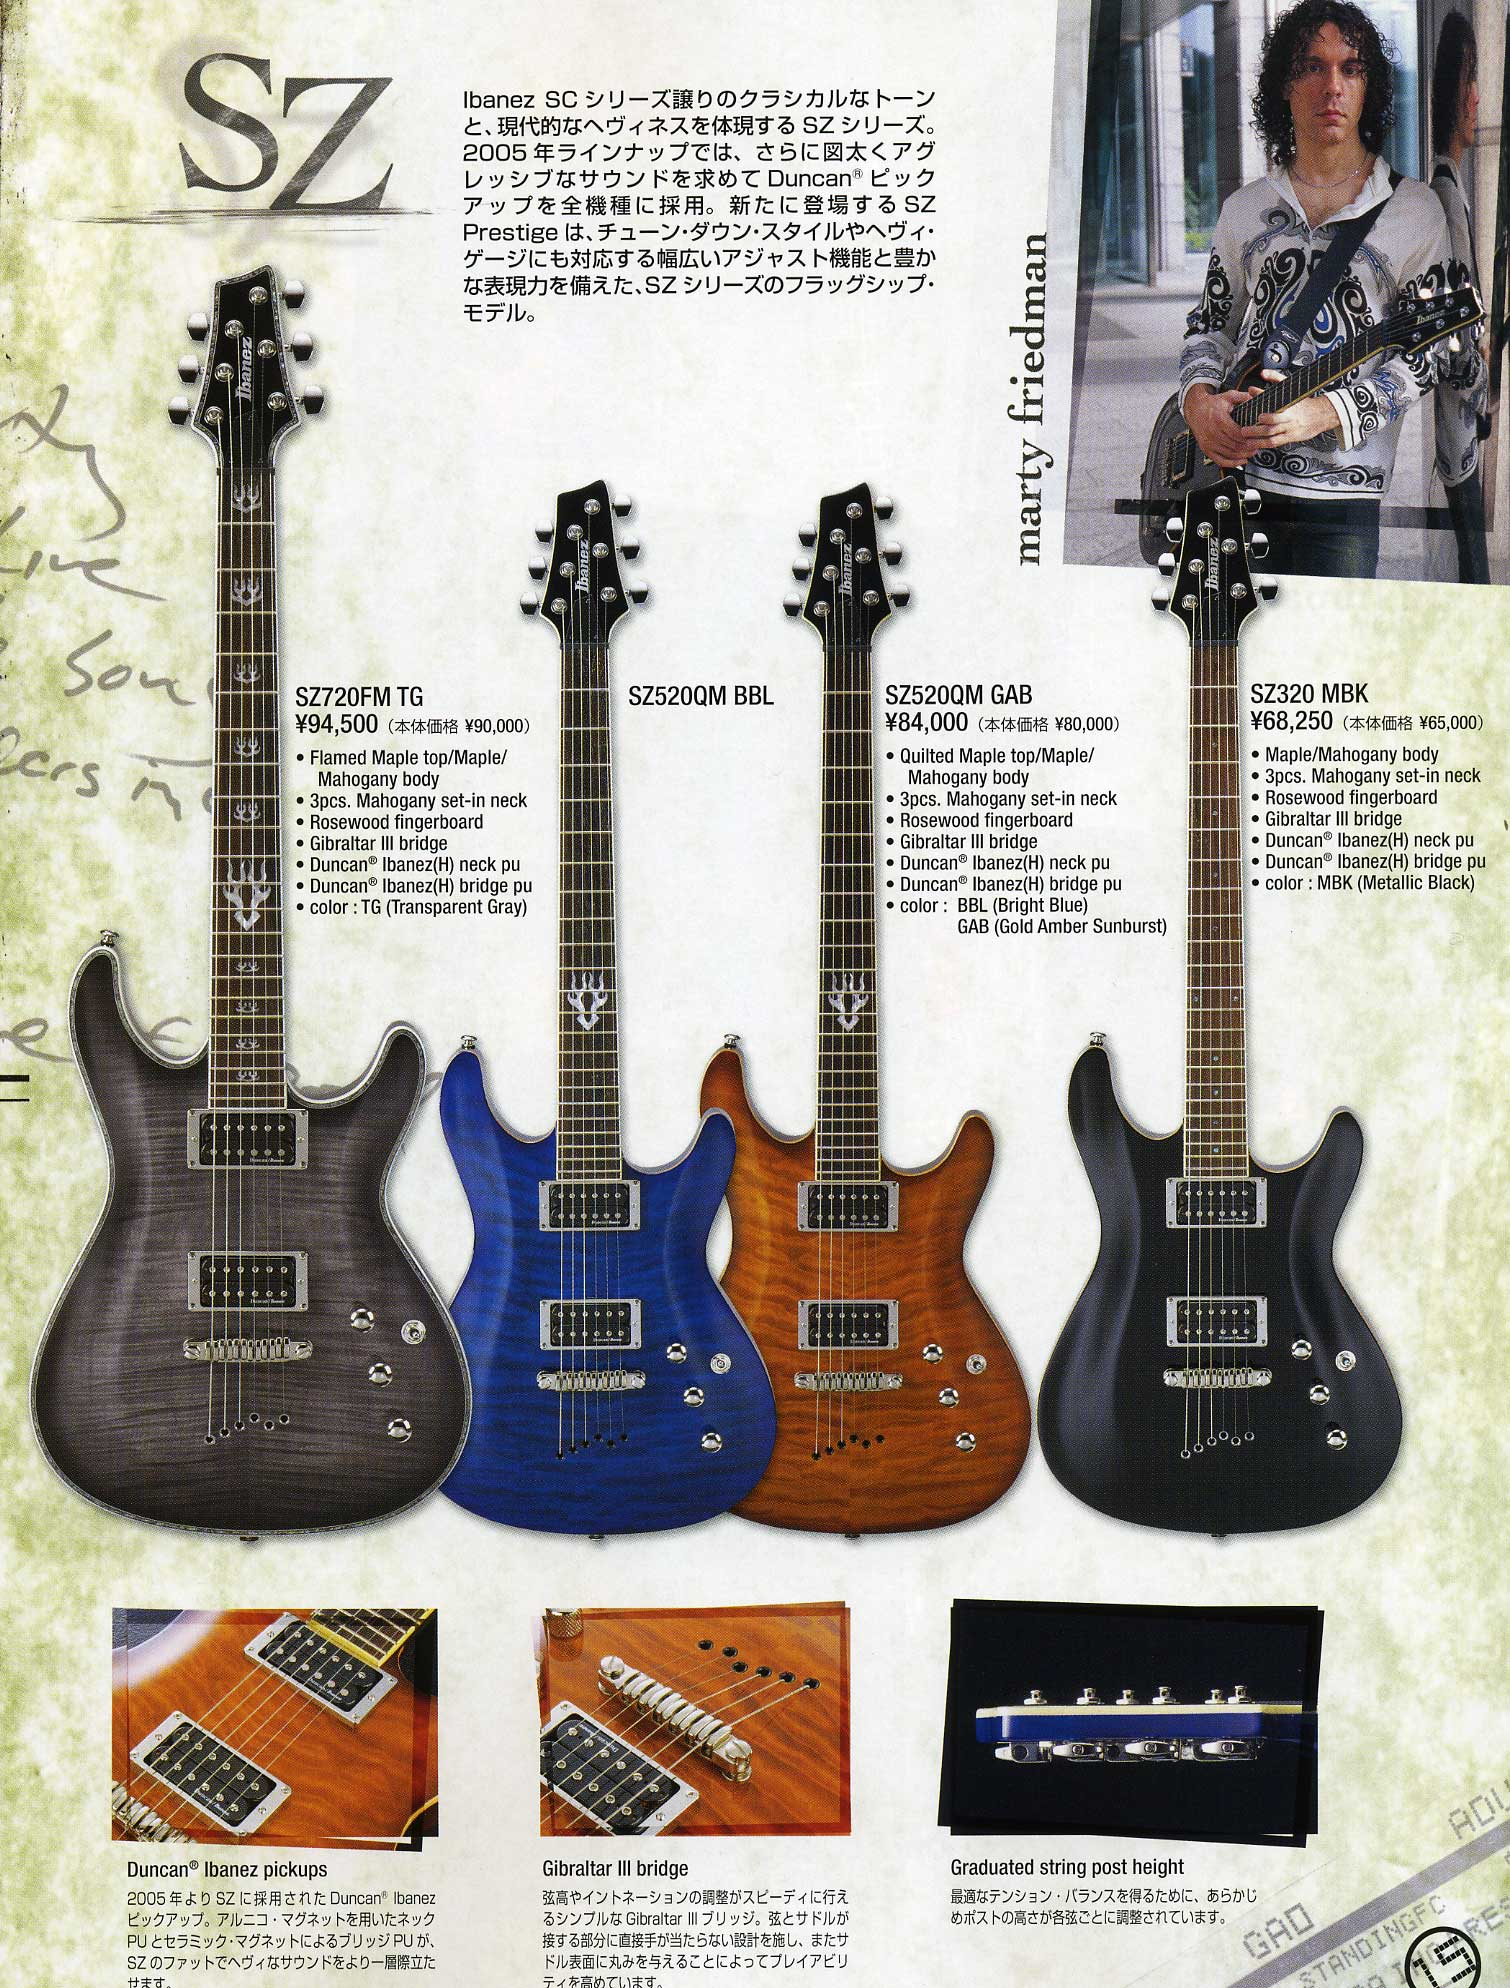 Le Ibanez Jet Seteur Club [Rebirth Inside]** (page 1612) - Guitare ...